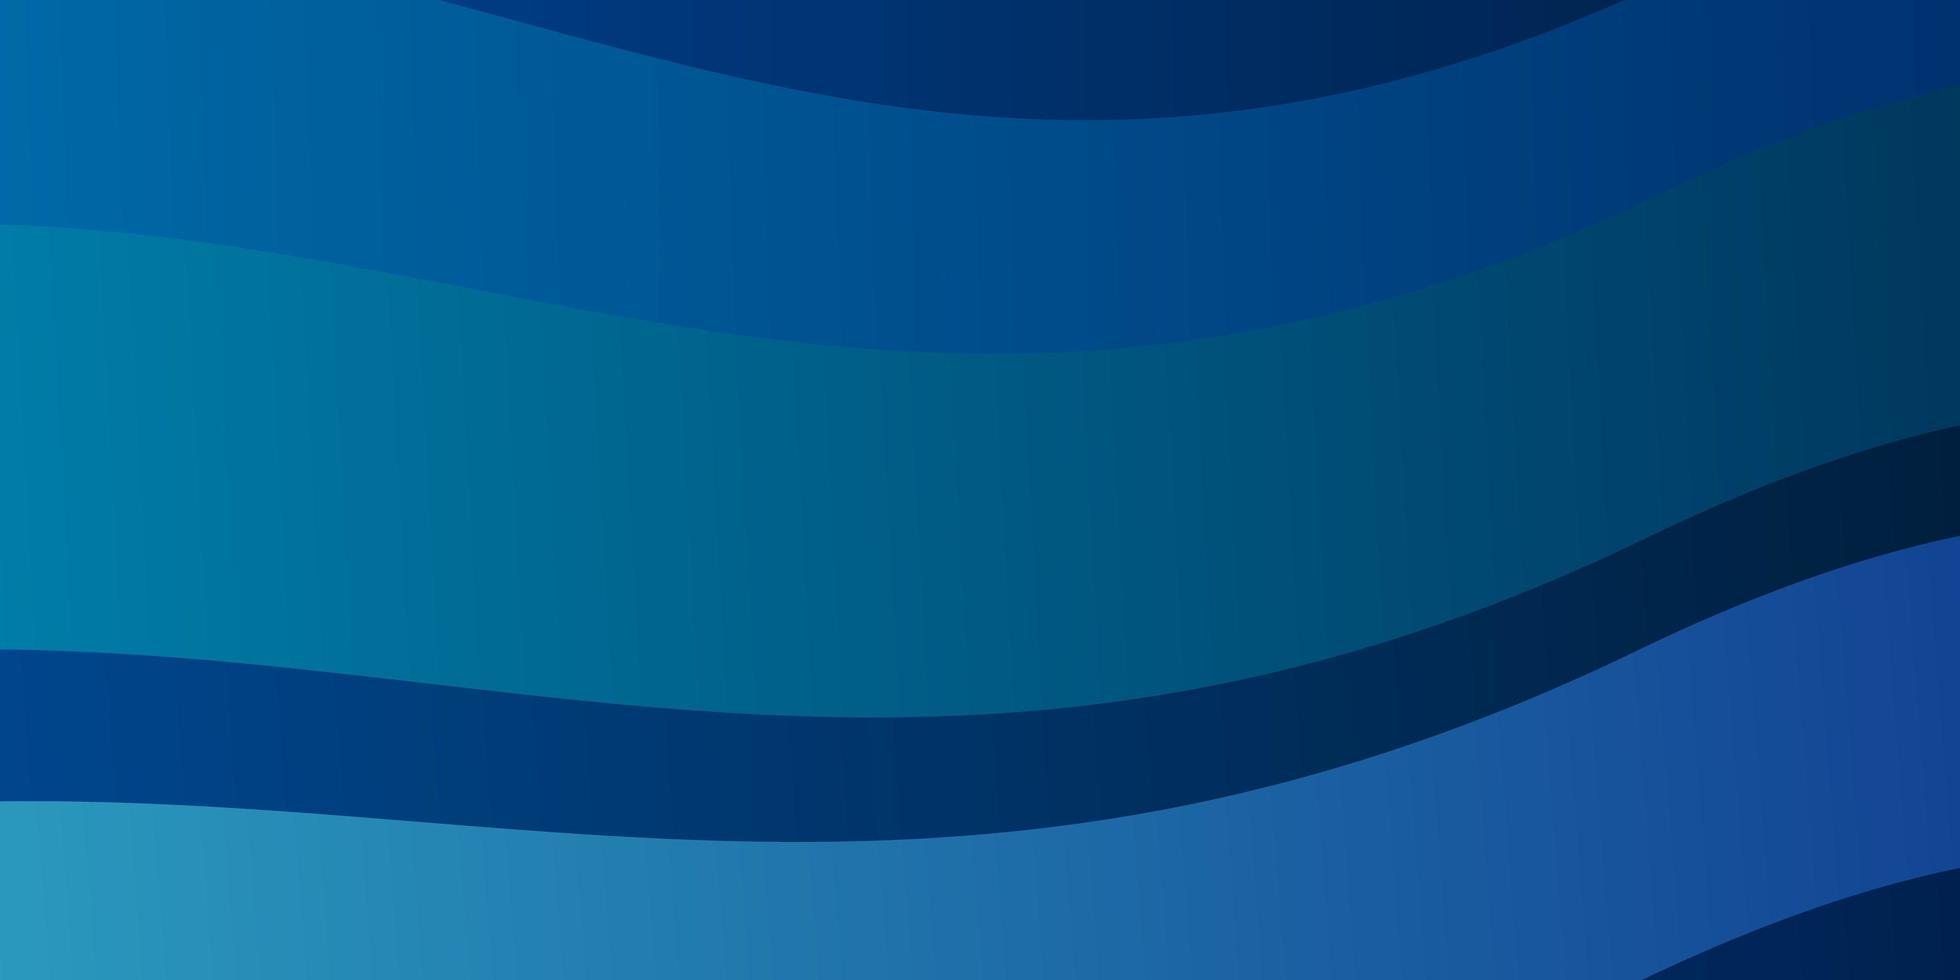 diseño azul con líneas dobladas. vector